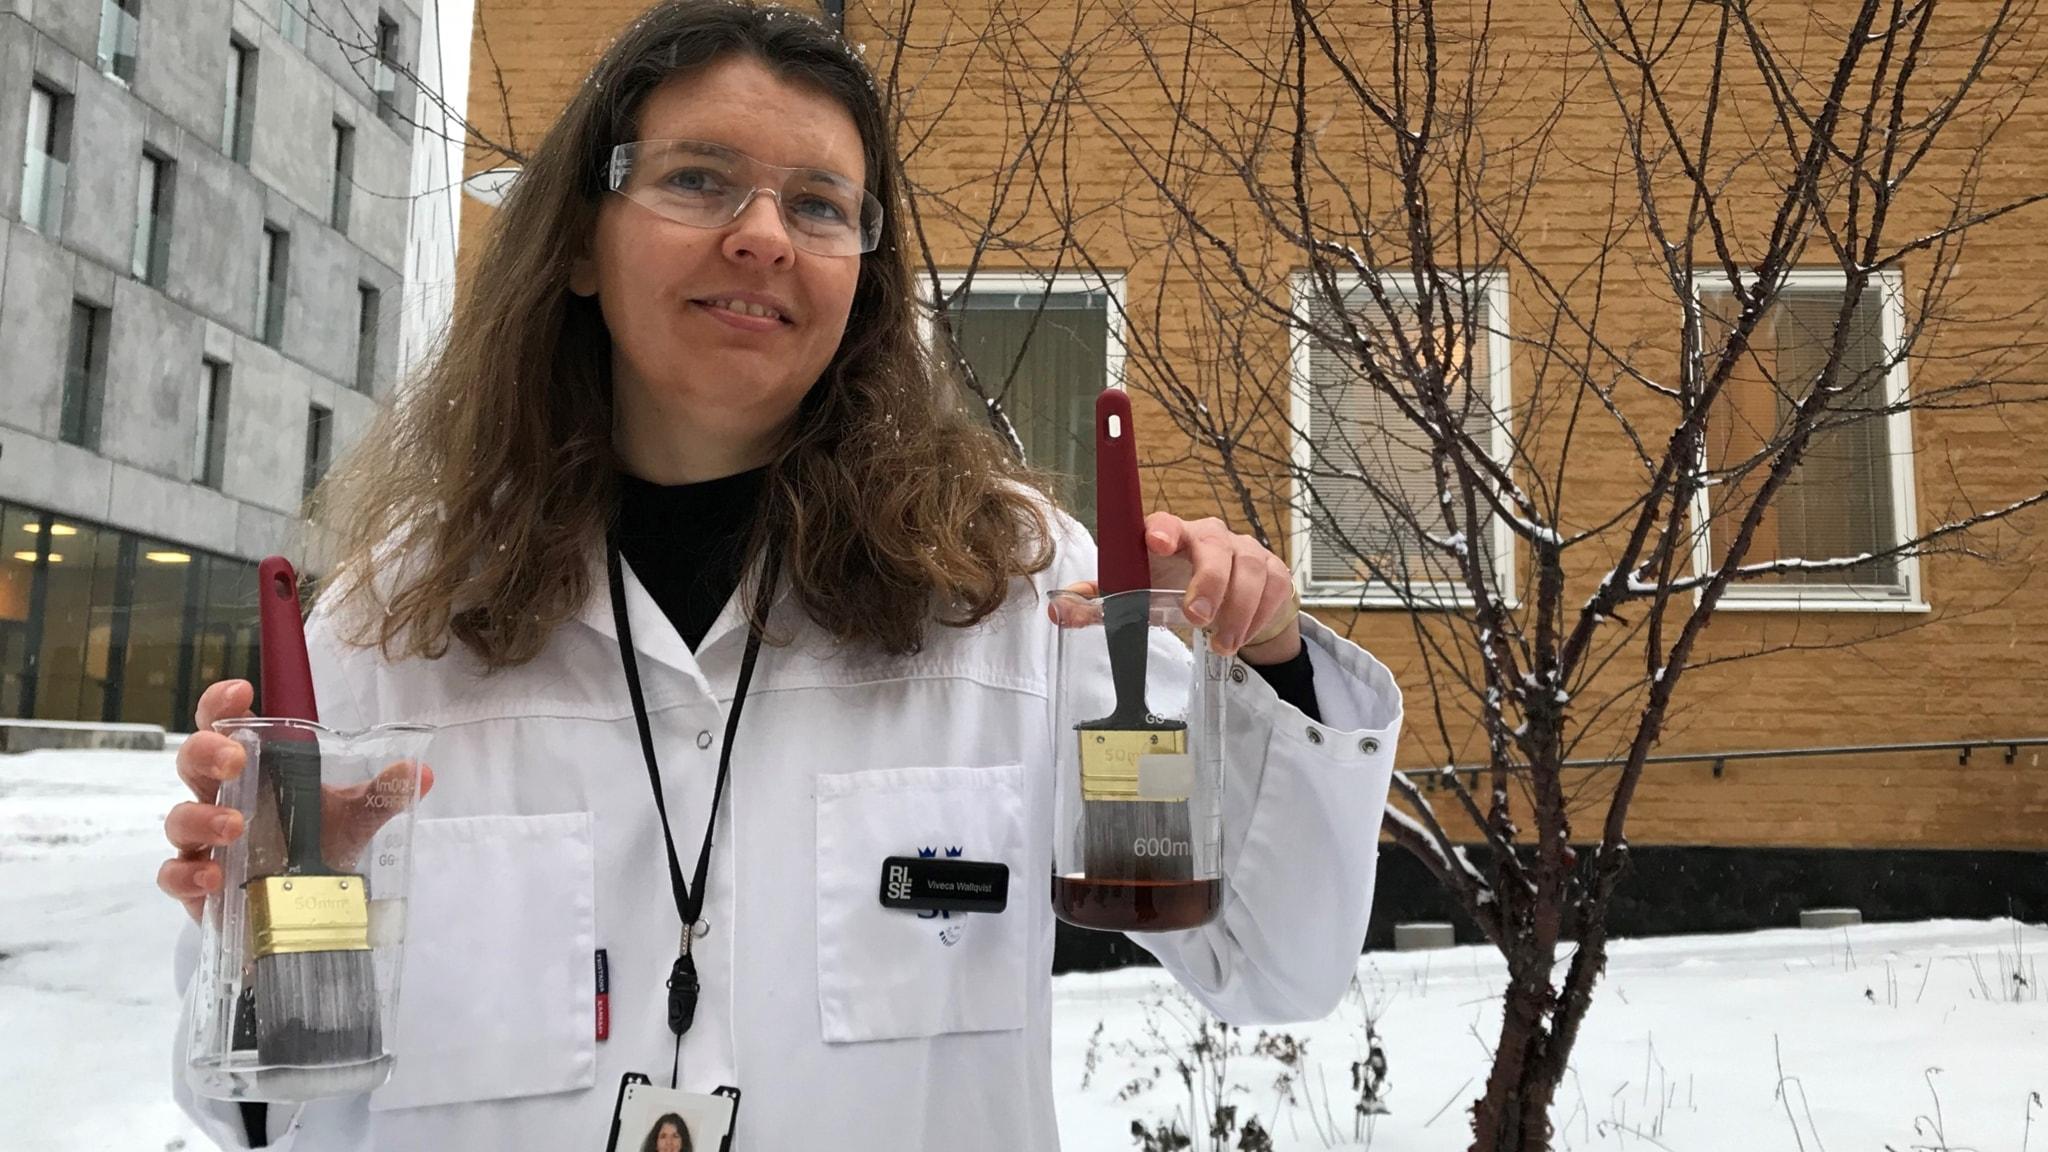 En kvinna står utomhus i vit labbrock. Hon tittar mot kameran och håller upp två glasburkar med en pensel i vardera burken.